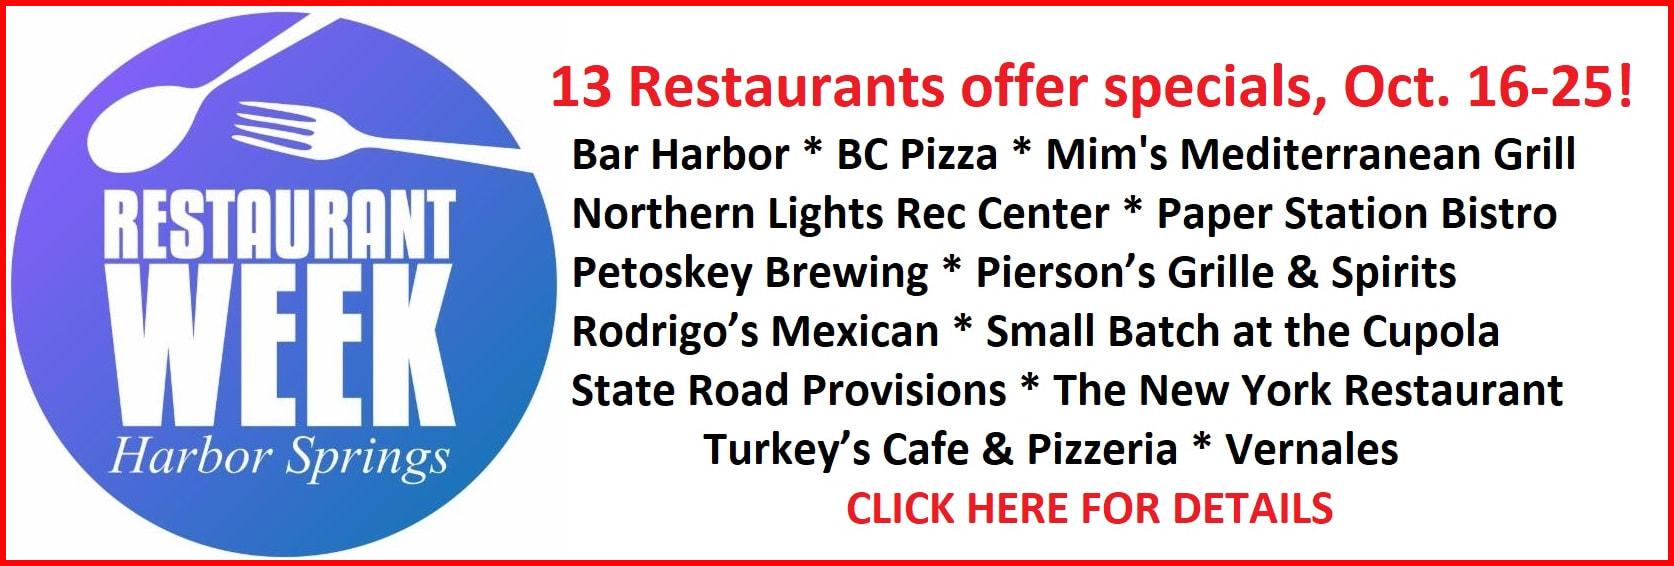 restaurant-week-banner-slider-w1674.jpg